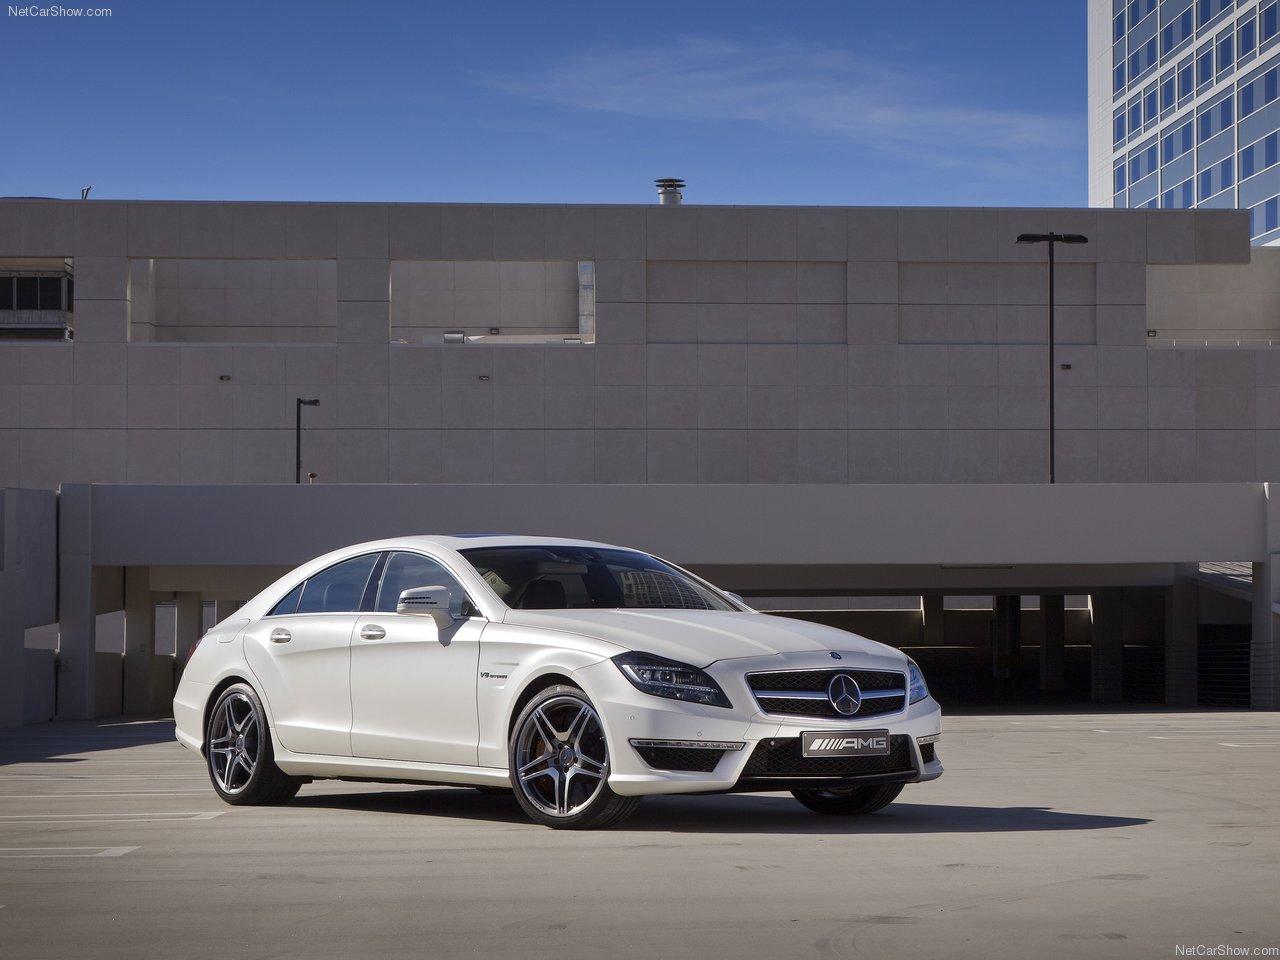 http://3.bp.blogspot.com/-ET2lBKO3-jY/TWib0xOpMGI/AAAAAAAAK1Q/U00Kk7zjM2o/s1600/Mercedes-Benz-CLS63_AMG_US_Version_2012_1280x960_wallpaper_02.jpg